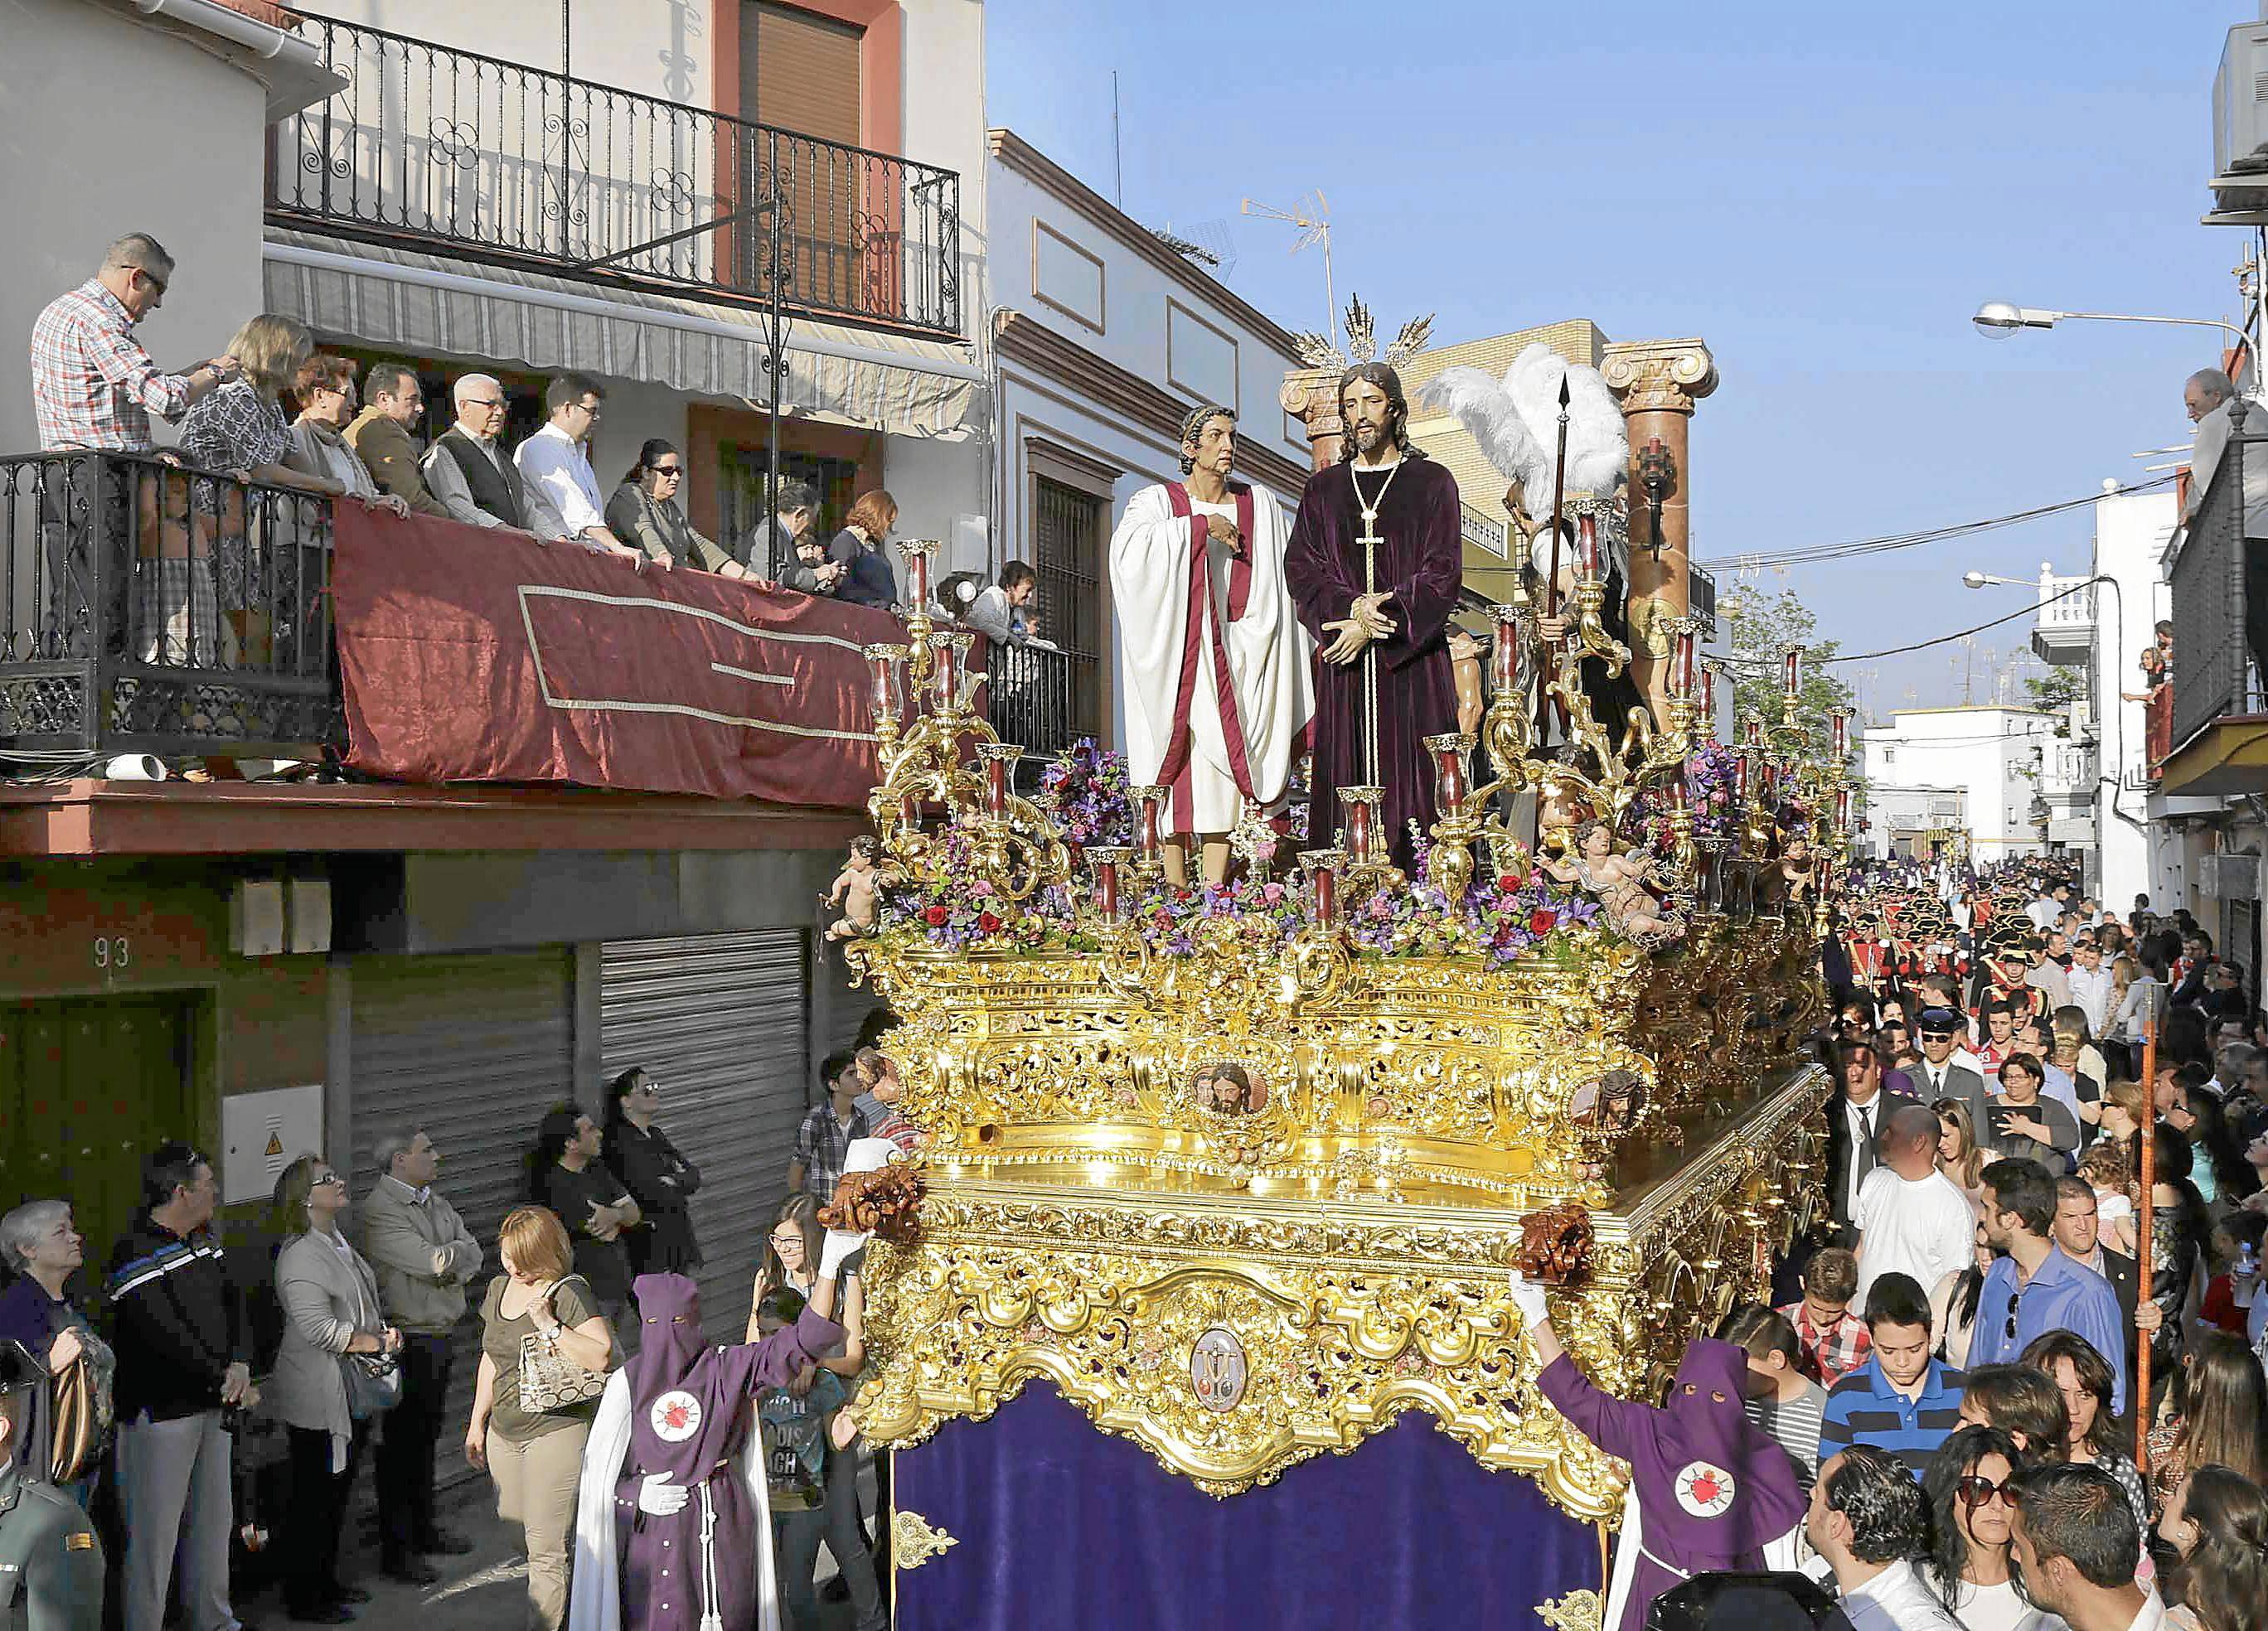 El Cautivo de la Hermandad Torreblanca, ayer transitando las calles del barrio. / José Manuel Montero